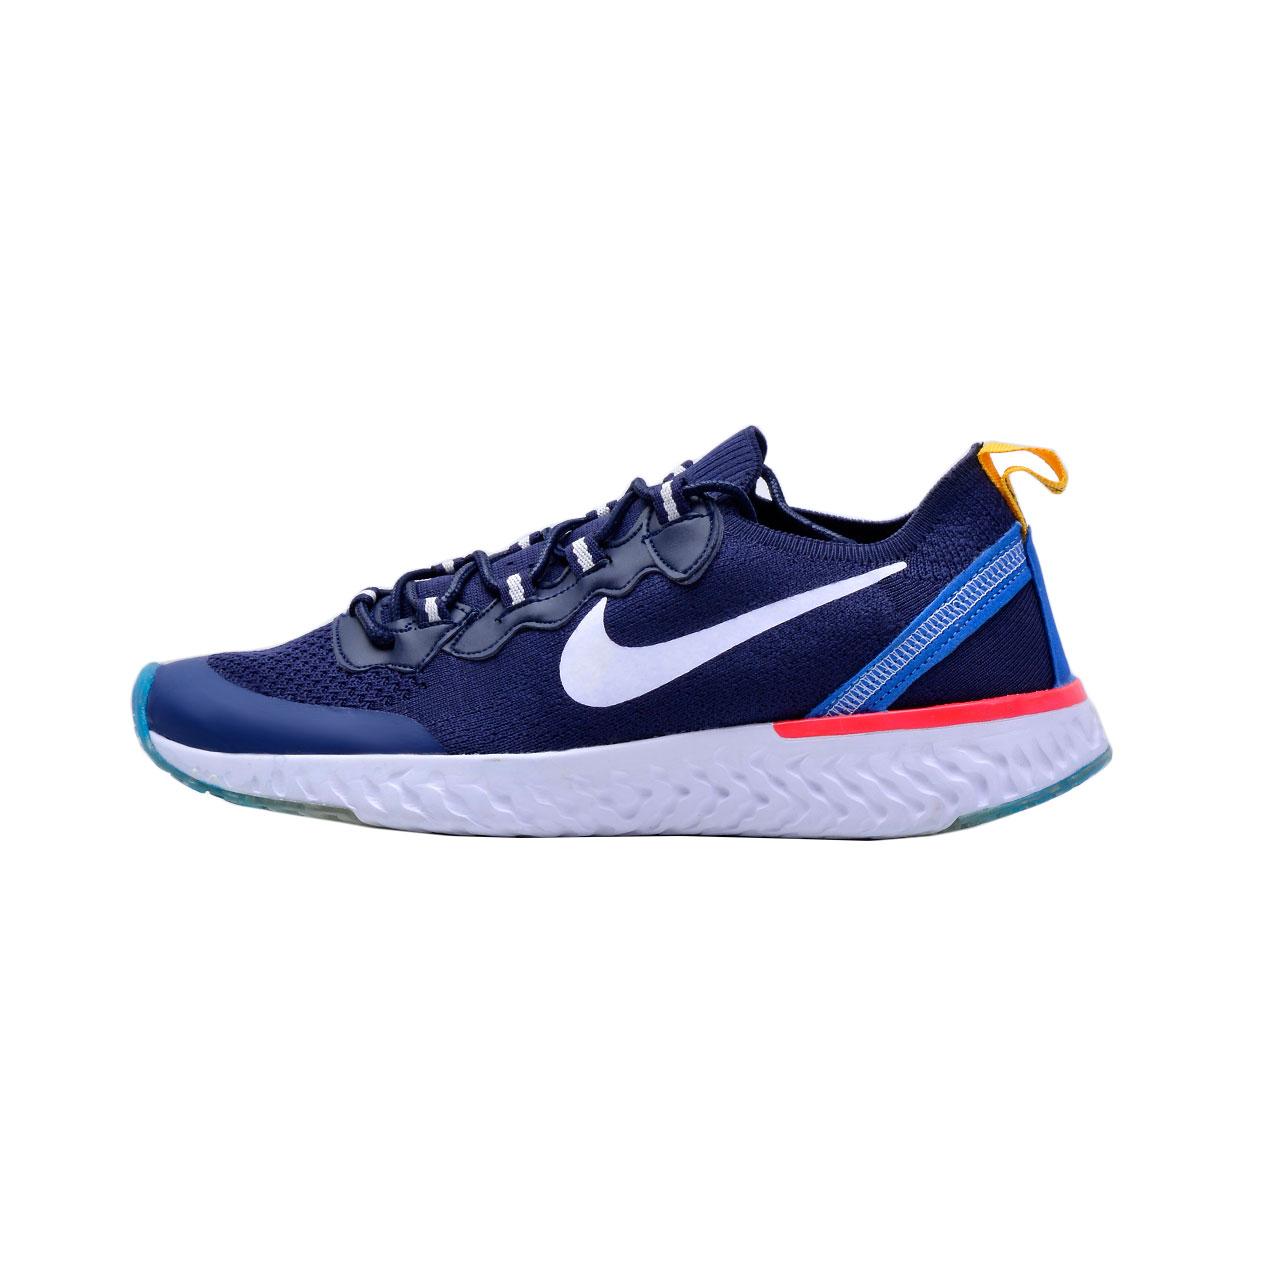 کفش مخصوص پیاده روی مردانه کد 110-3